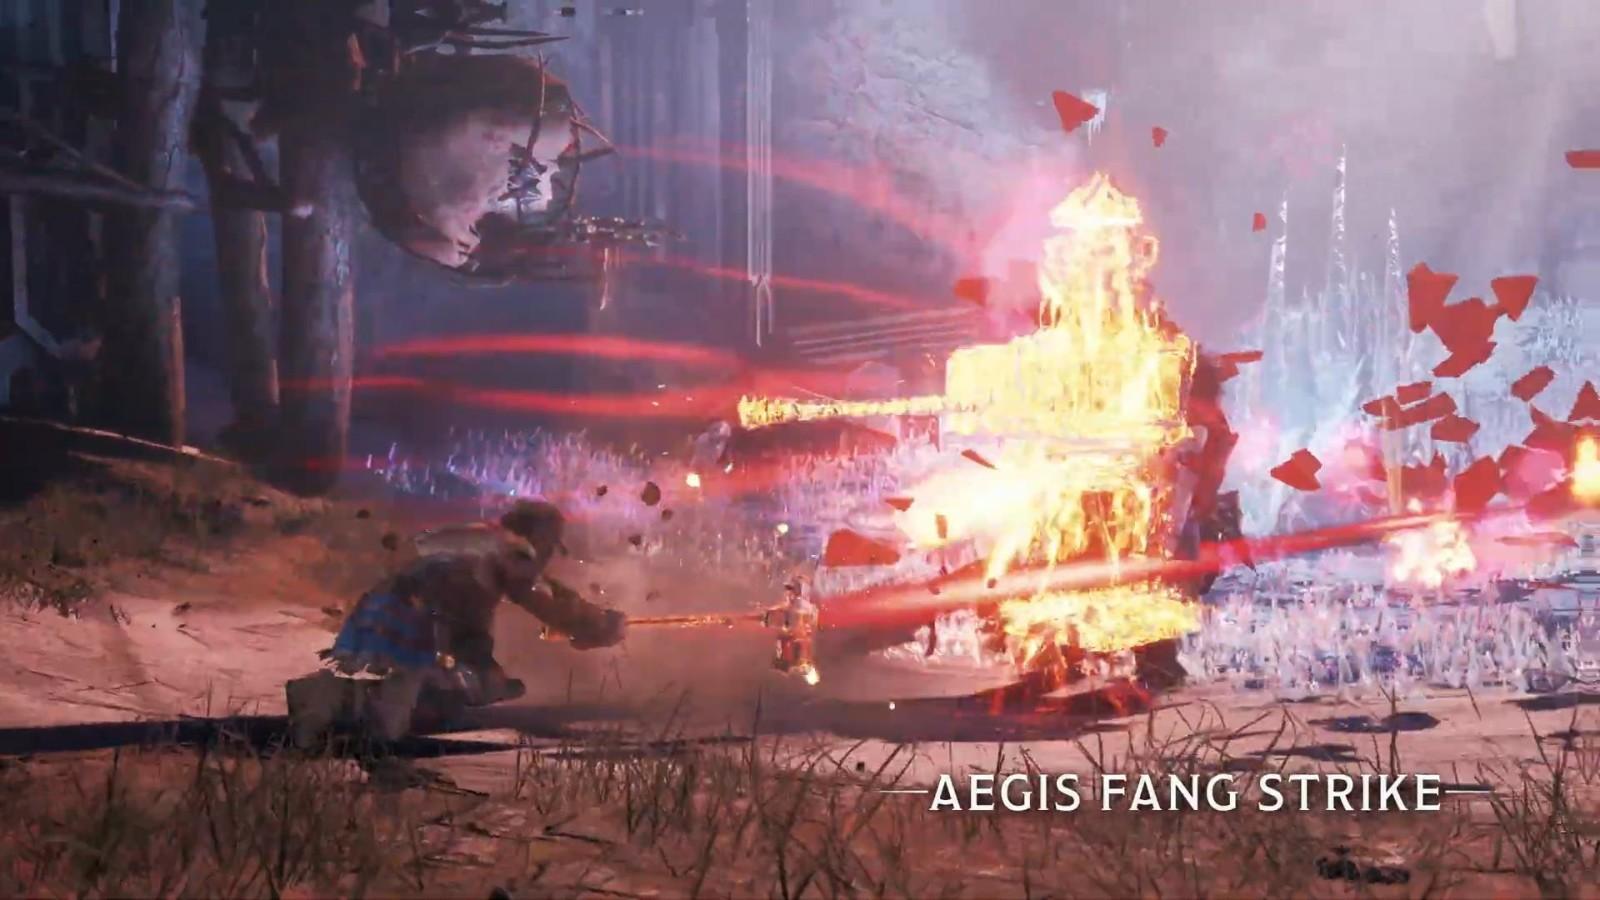 《龙与地下城:黑暗联盟》新演示 沃夫加抡大锤砸怪